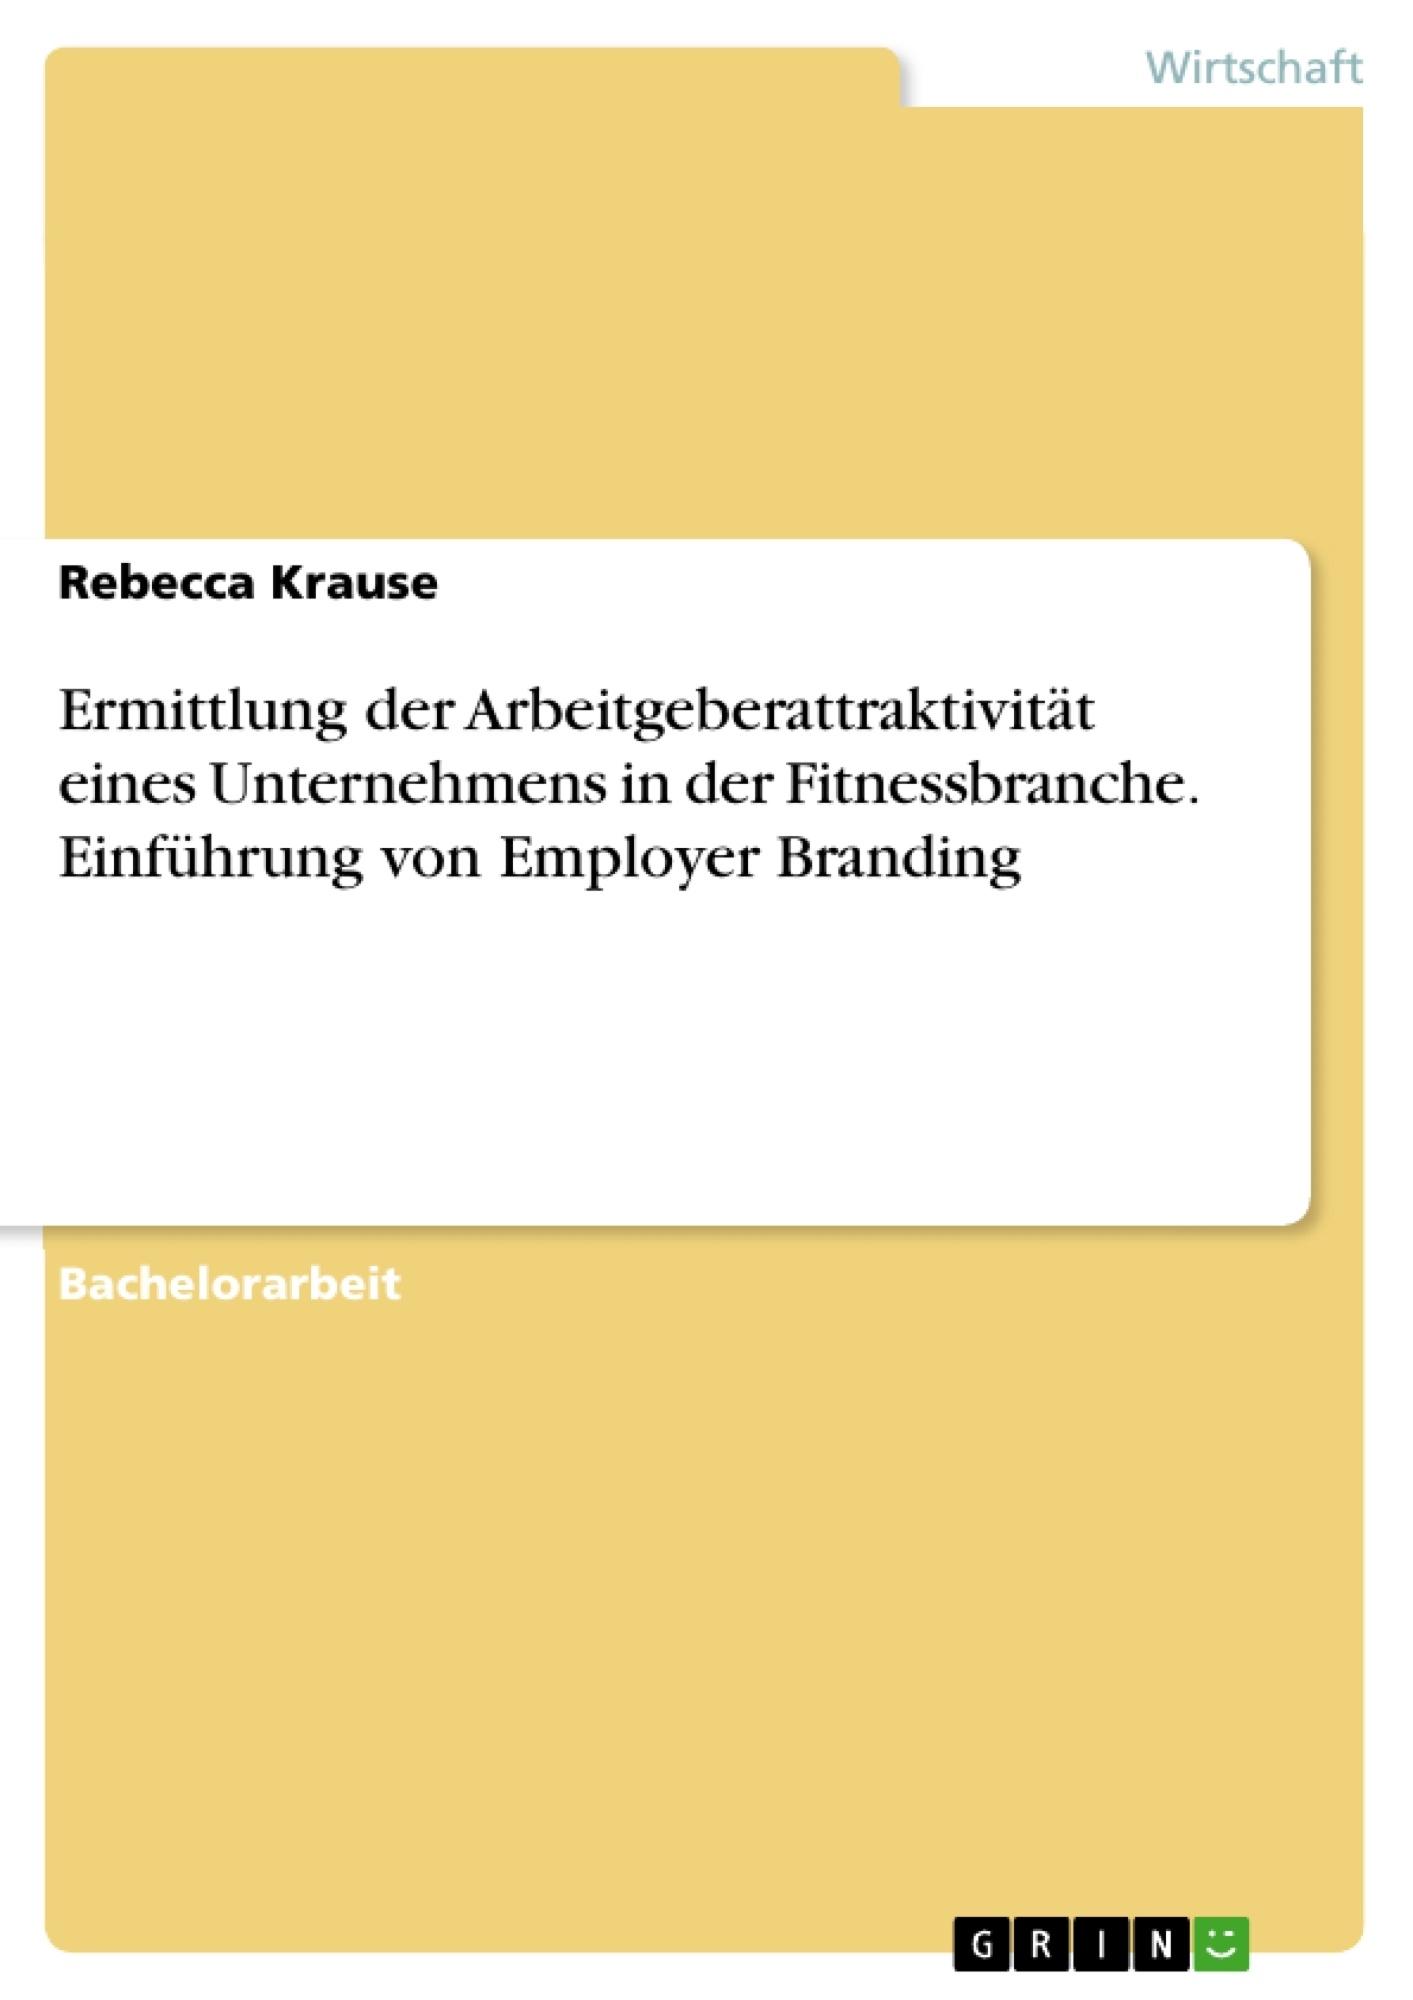 Titel: Ermittlung der Arbeitgeberattraktivität eines Unternehmens in der Fitnessbranche. Einführung von Employer Branding